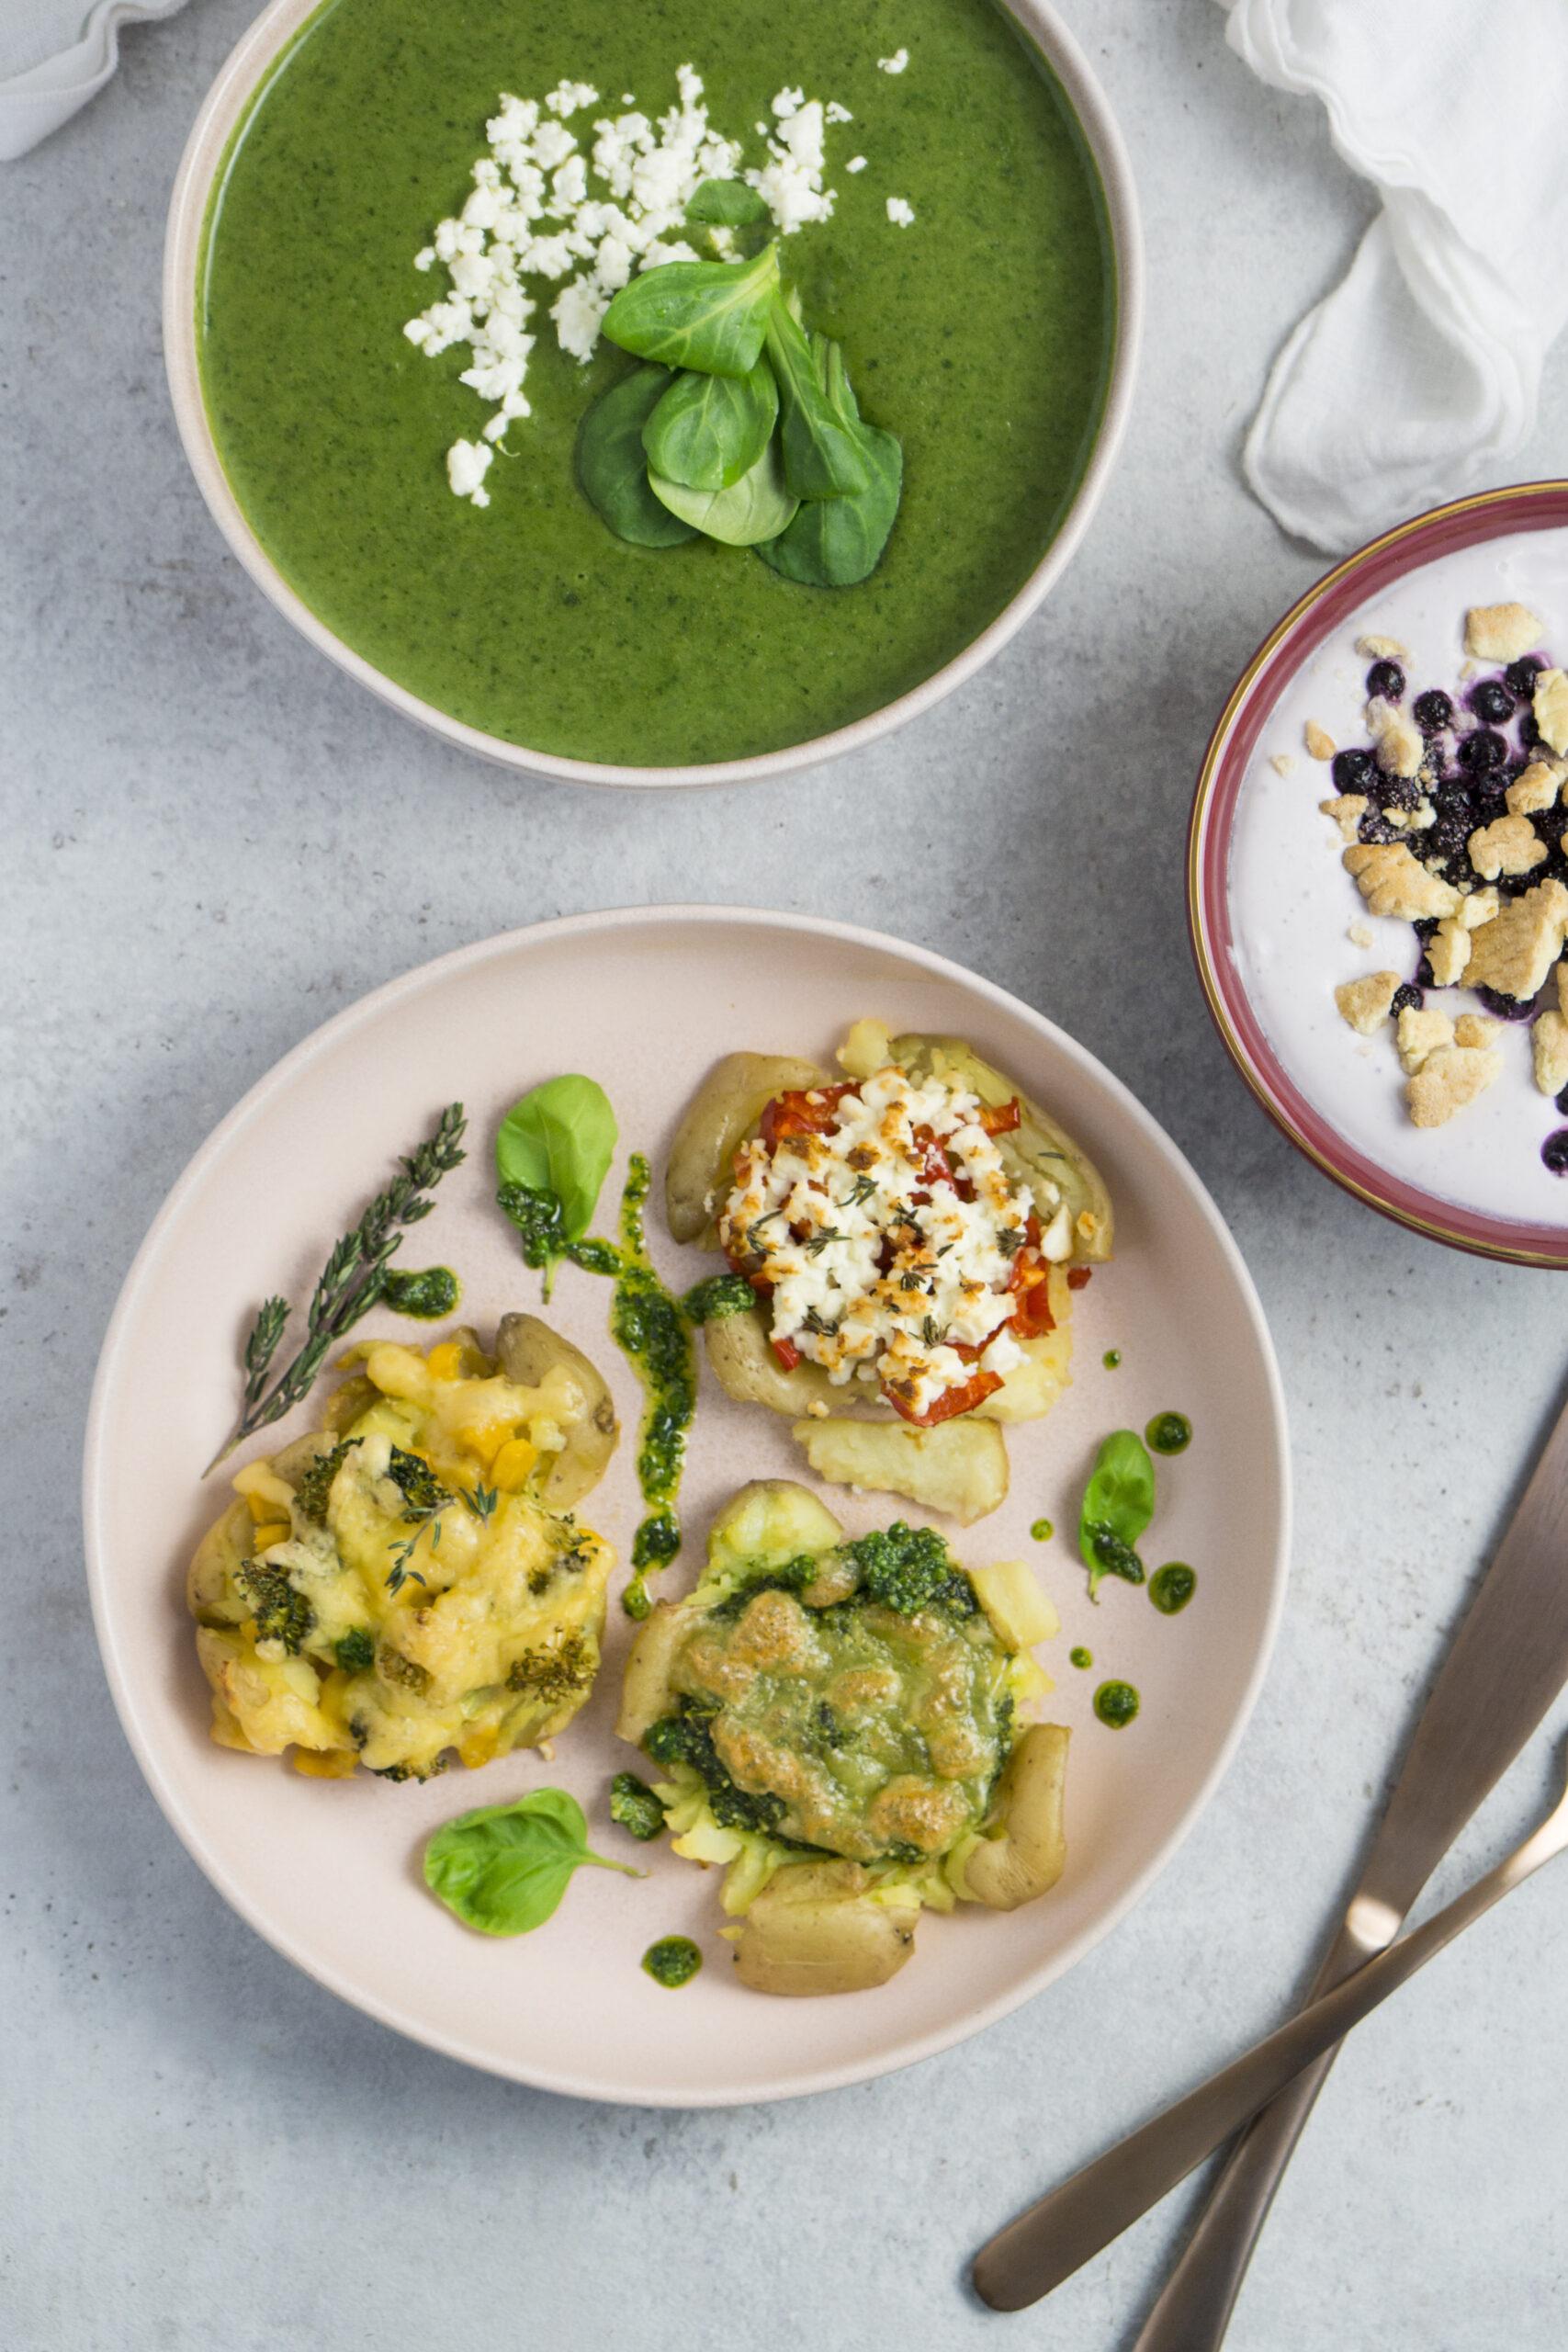 Schnelles Muttertagsmenü: Feldsalatsuppe, Vegetarische Quetschkartoffeln, Blaubeercreme